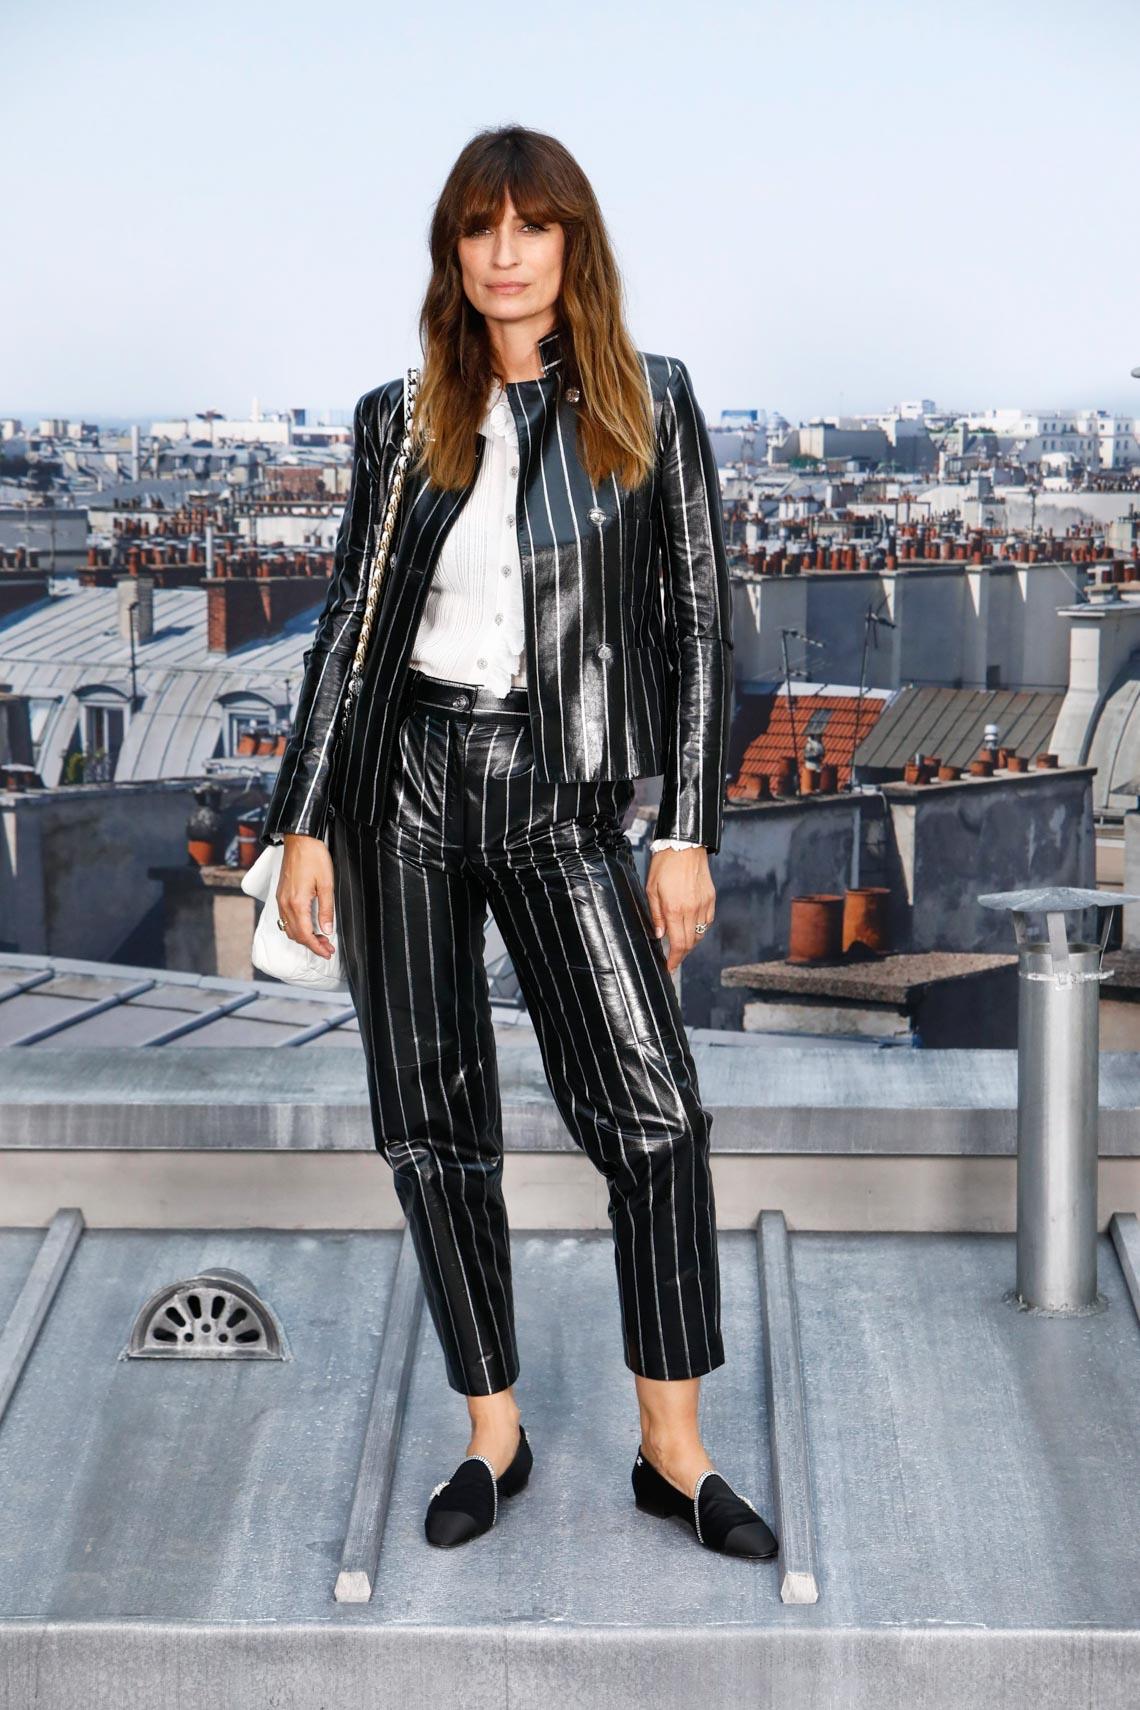 Các ngôi sao nổi tiếng tham dự show diễn Chanel Xuân-Hè 2020 - 3